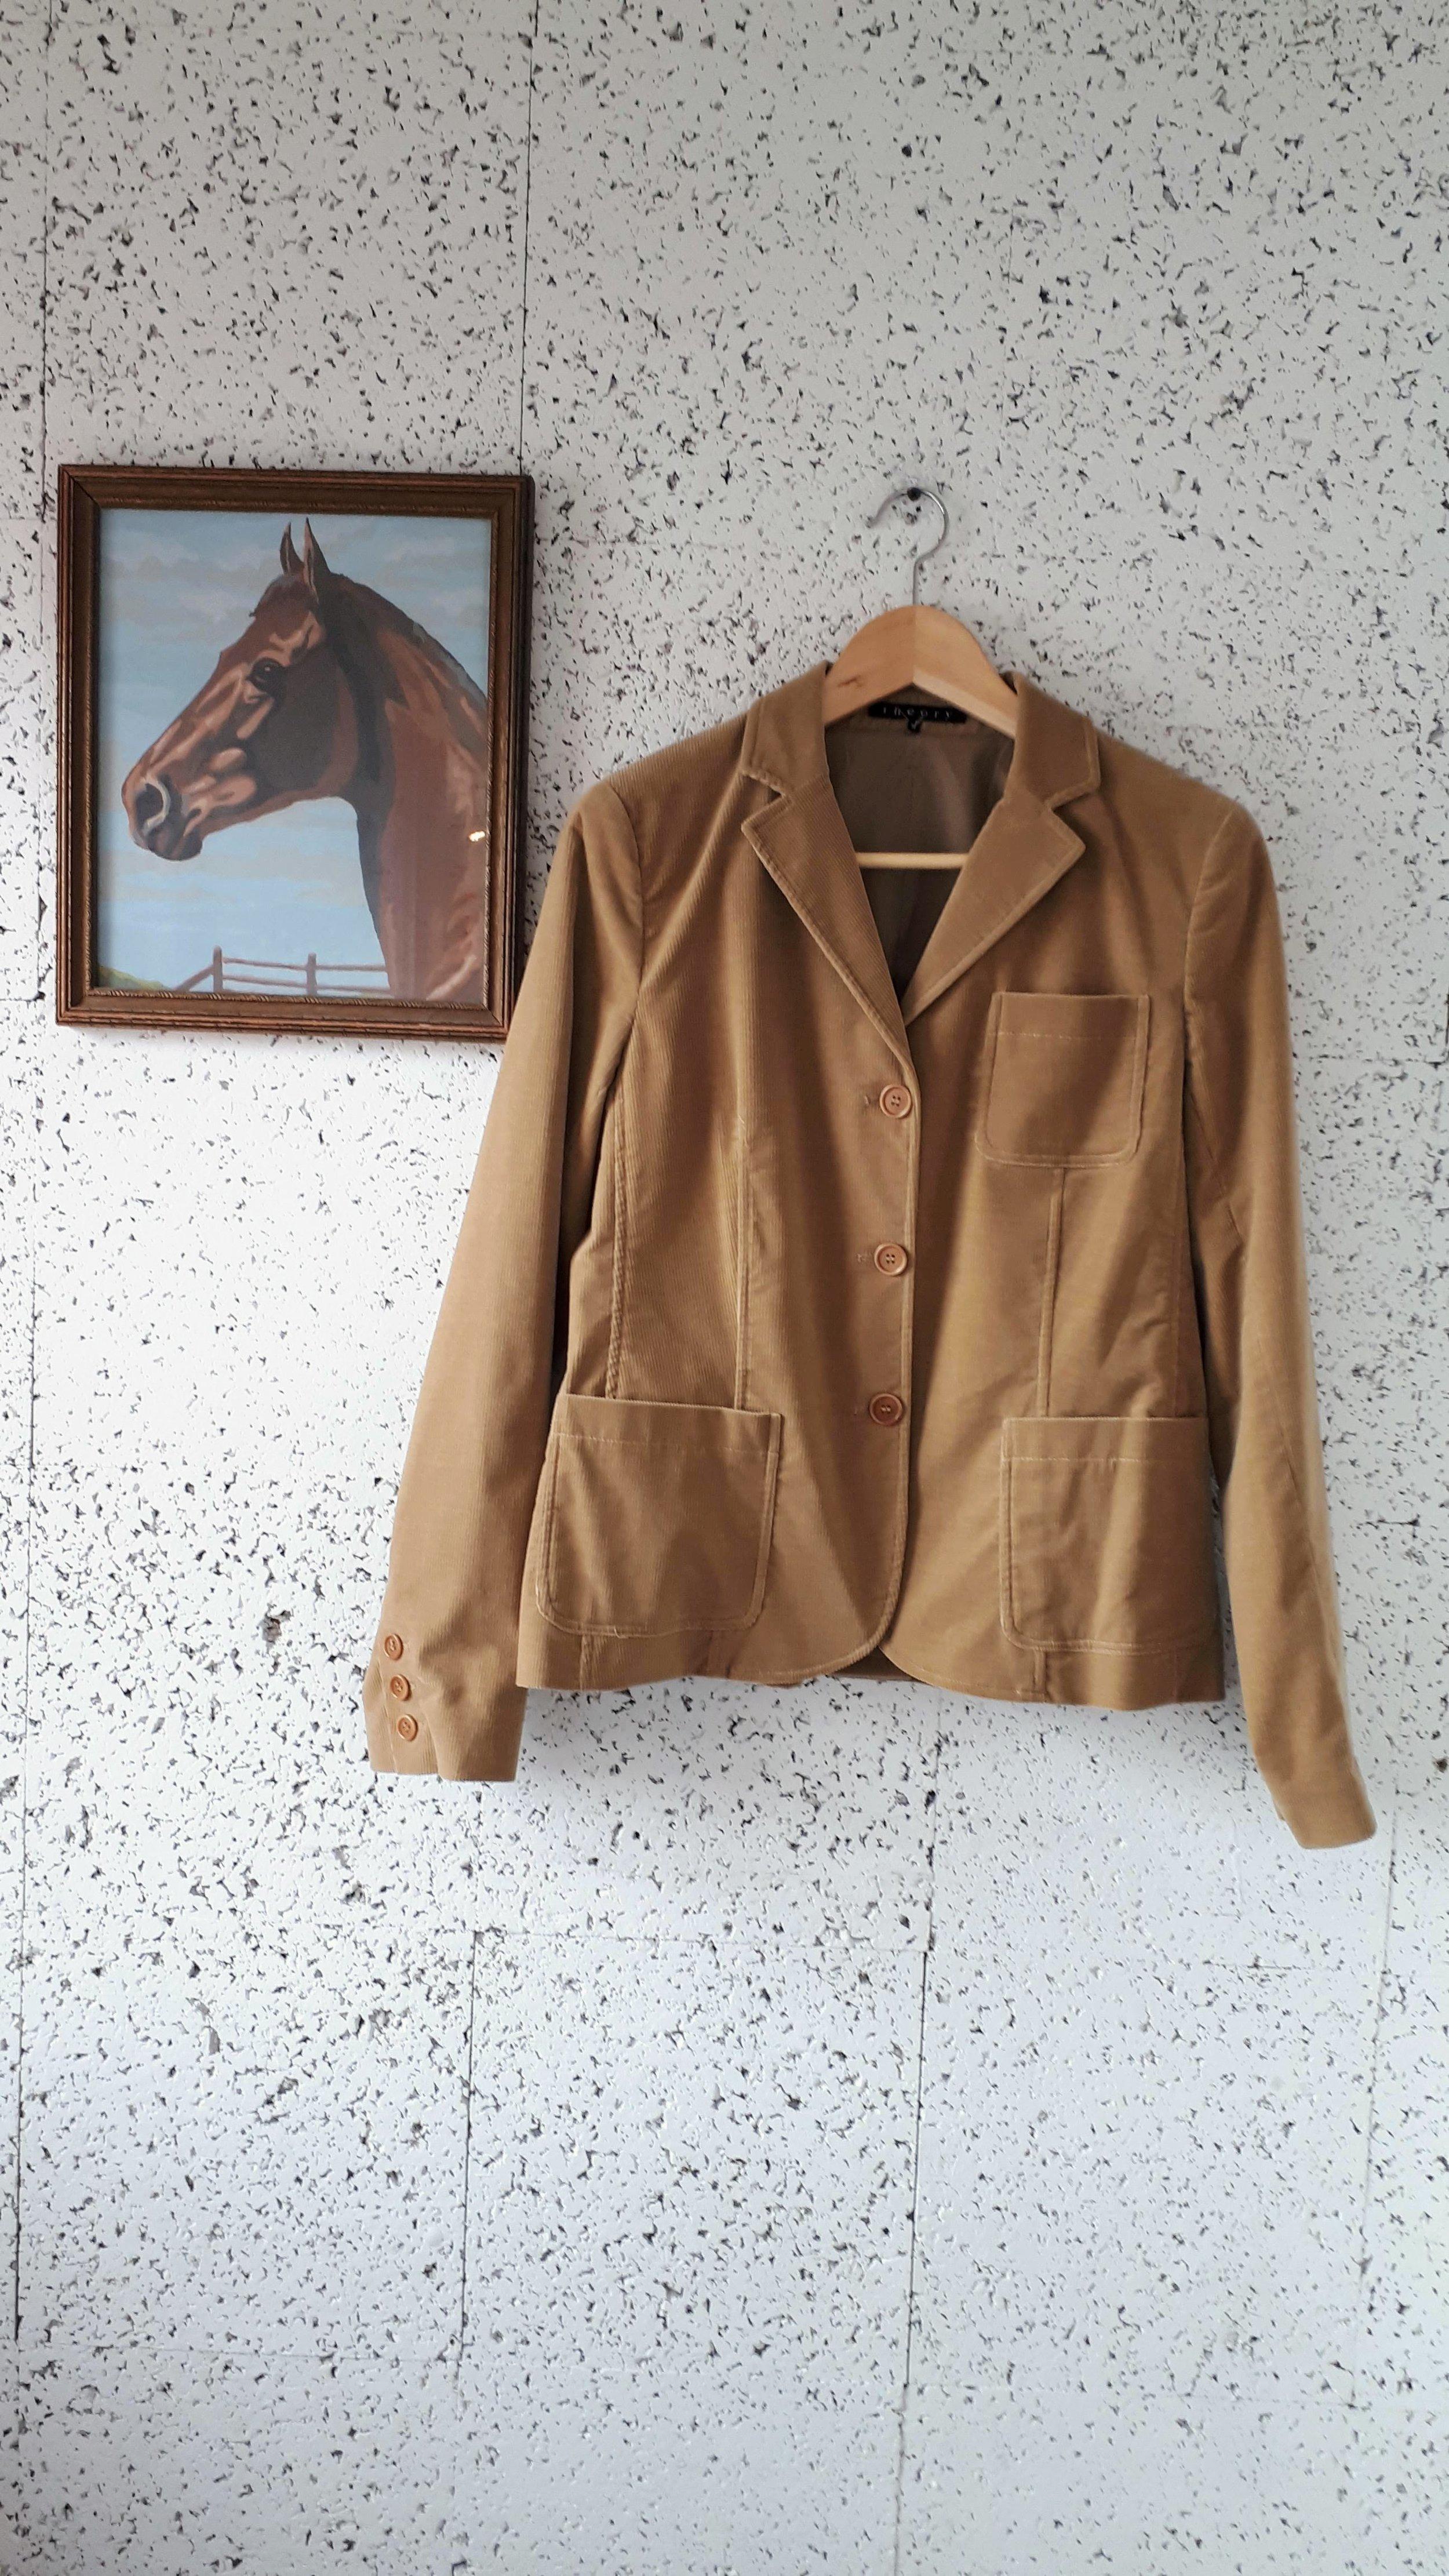 Theory jacket; Size M, $62